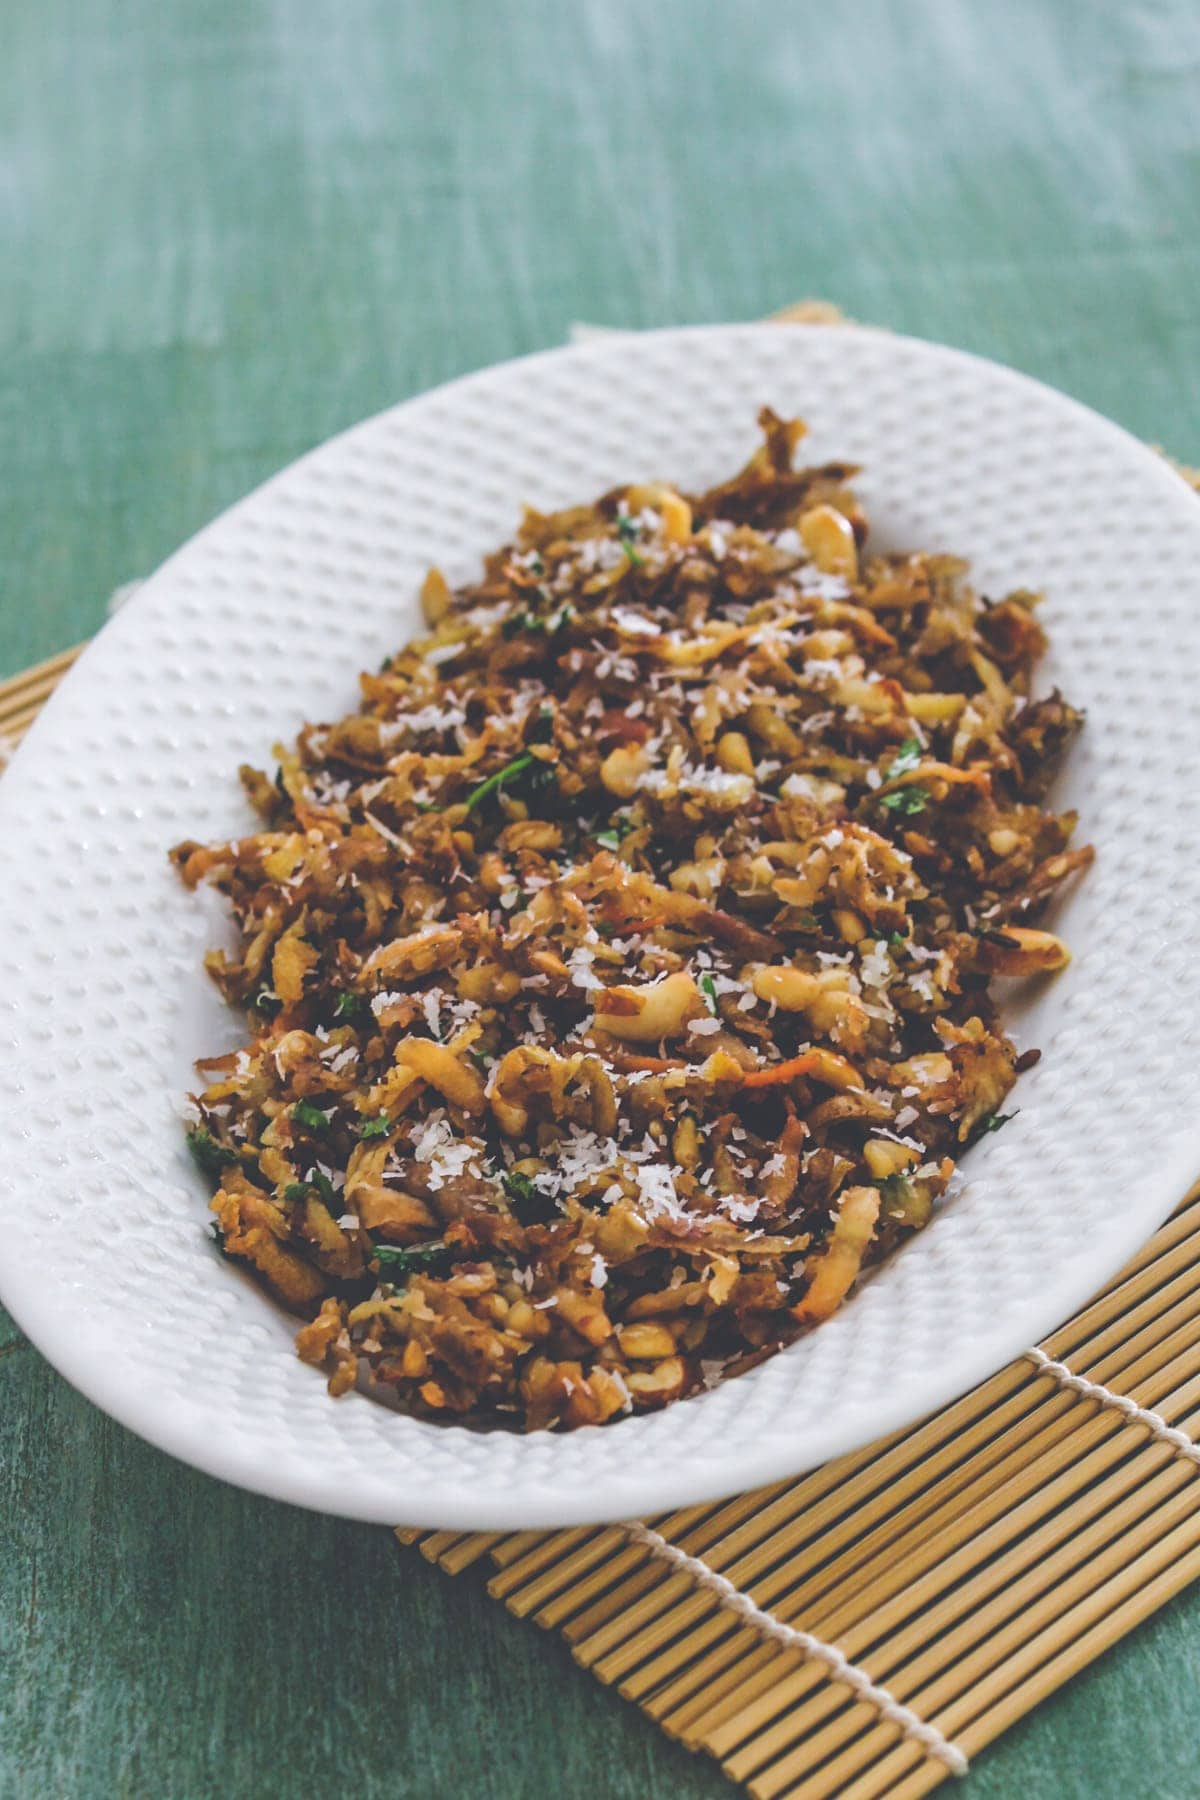 Suran khichdi in a plate